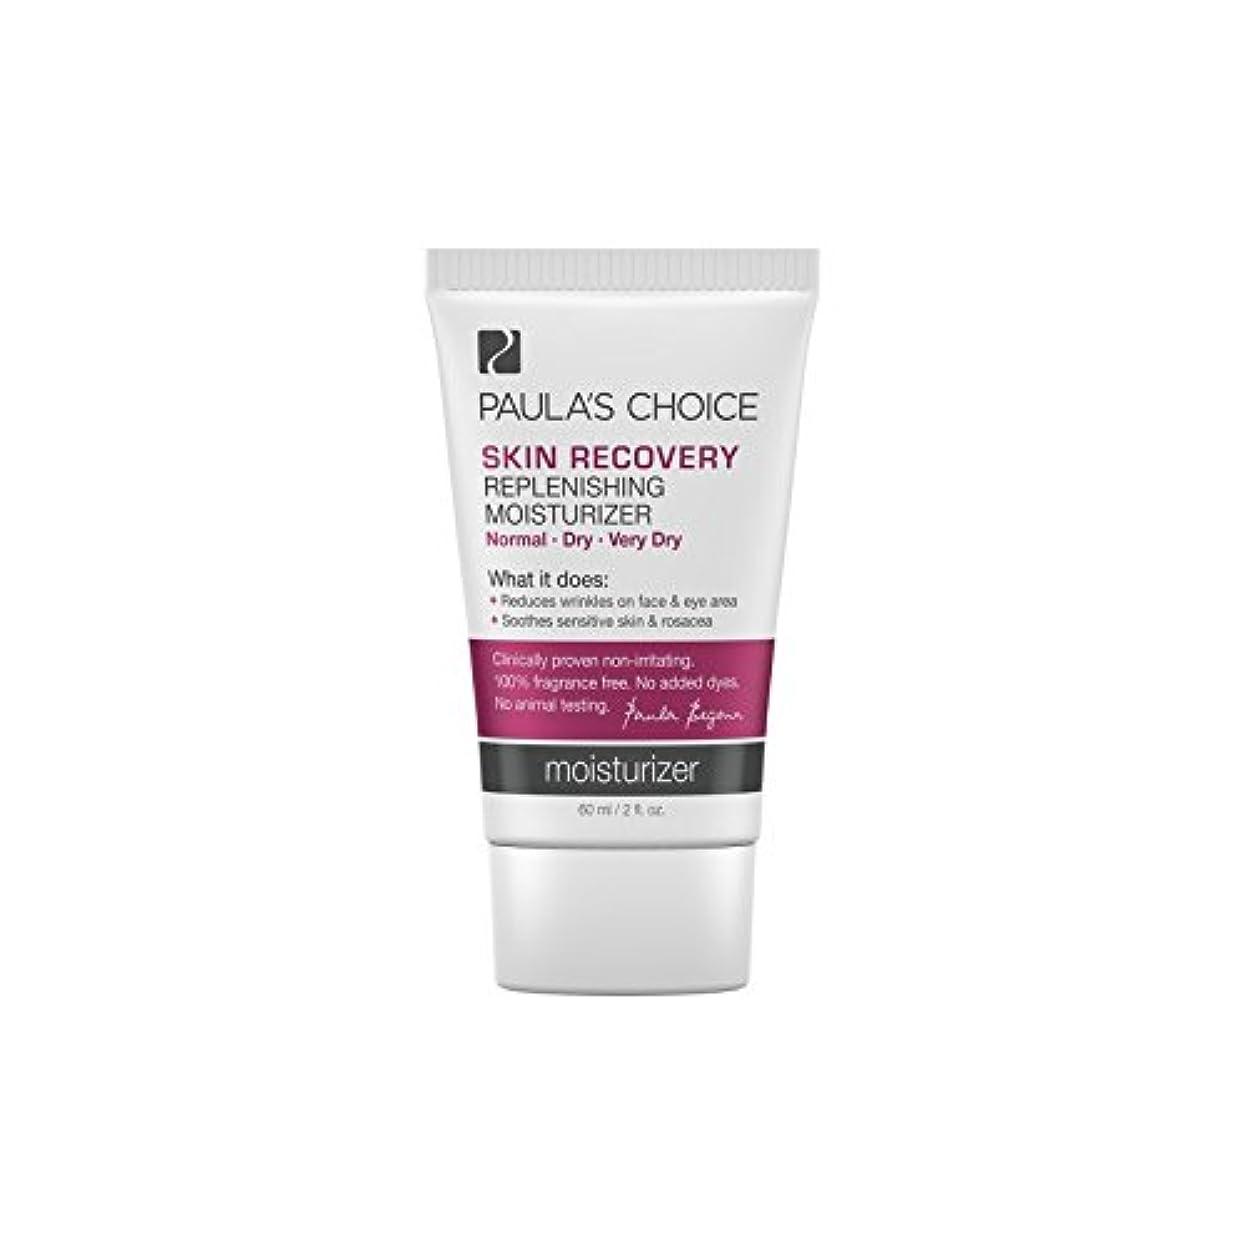 再び潮チーフPaula's Choice Skin Recovery Replenishing Moisturizer (60ml) (Pack of 6) - ポーラチョイスの肌の回復補充保湿(60ミリリットル) x6 [並行輸入品]